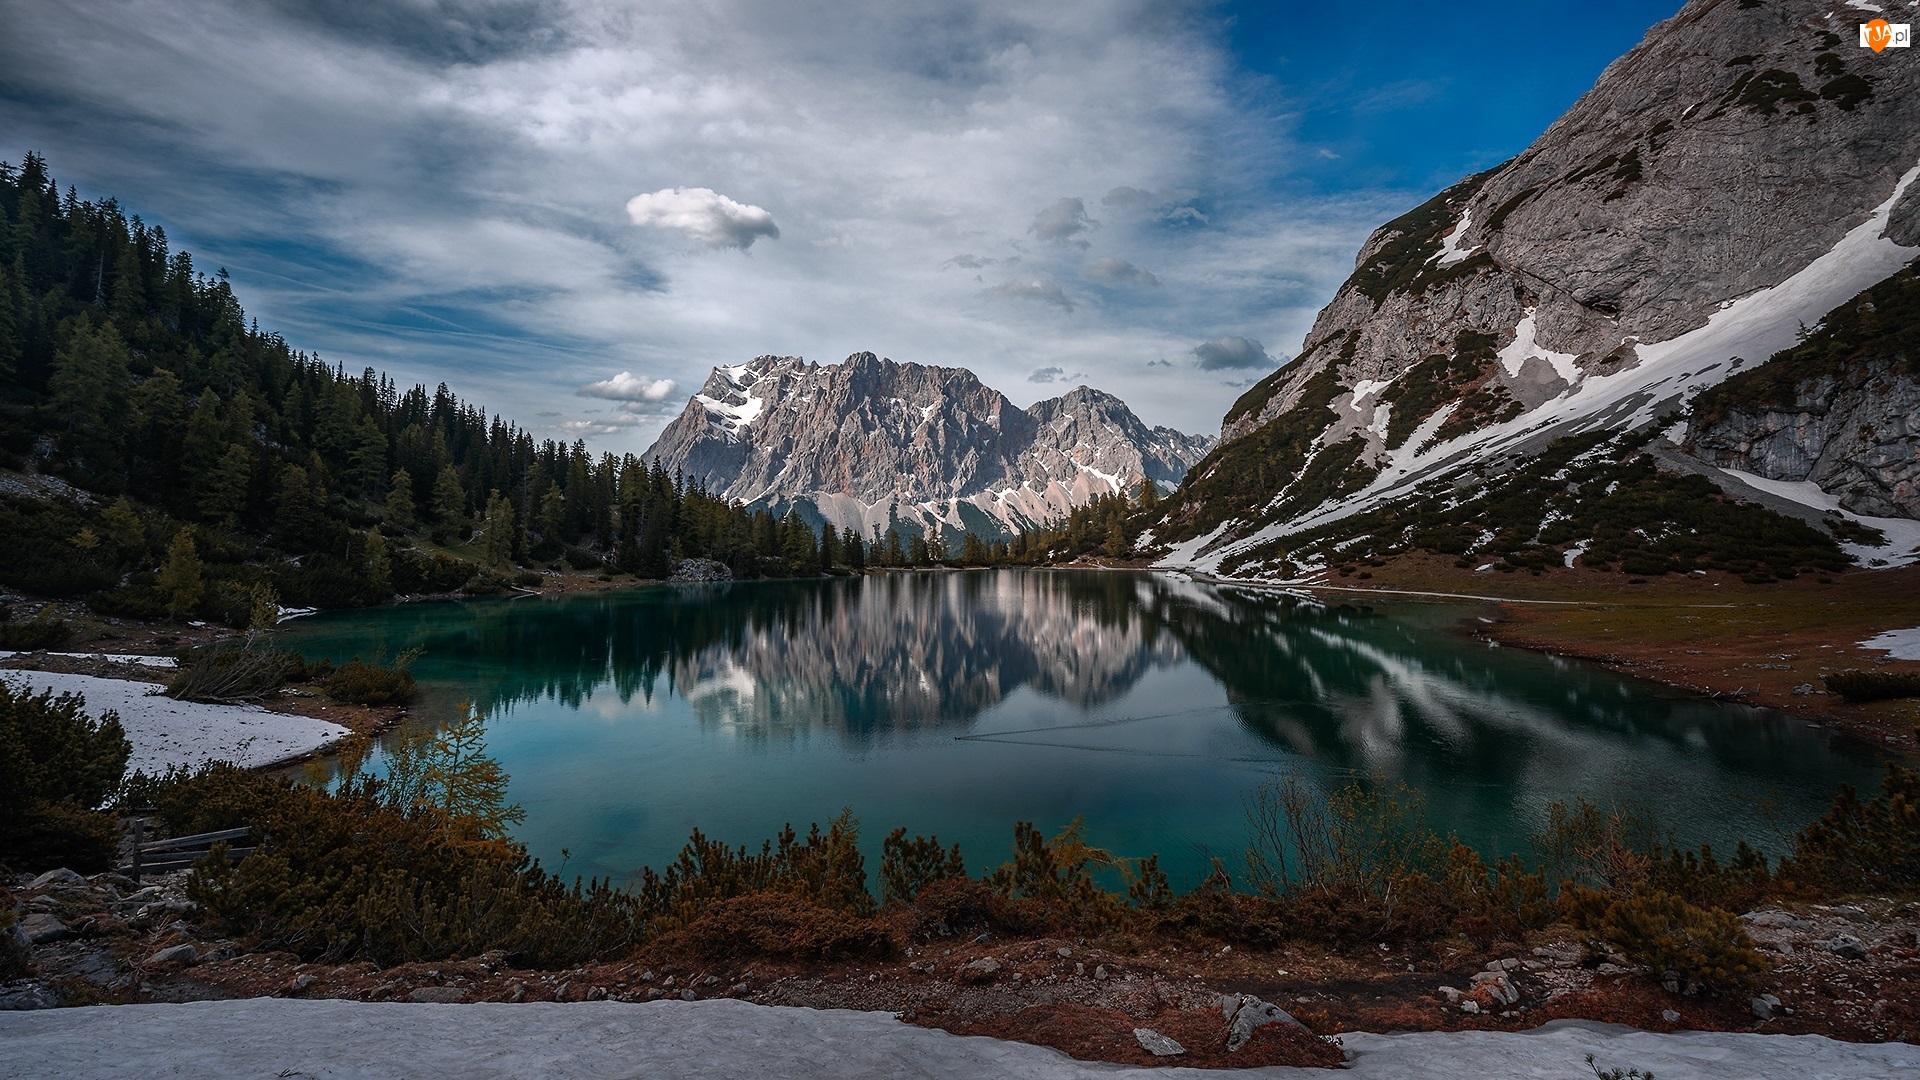 Drzewa, Chmury, Góry, Jezioro, Odbicie